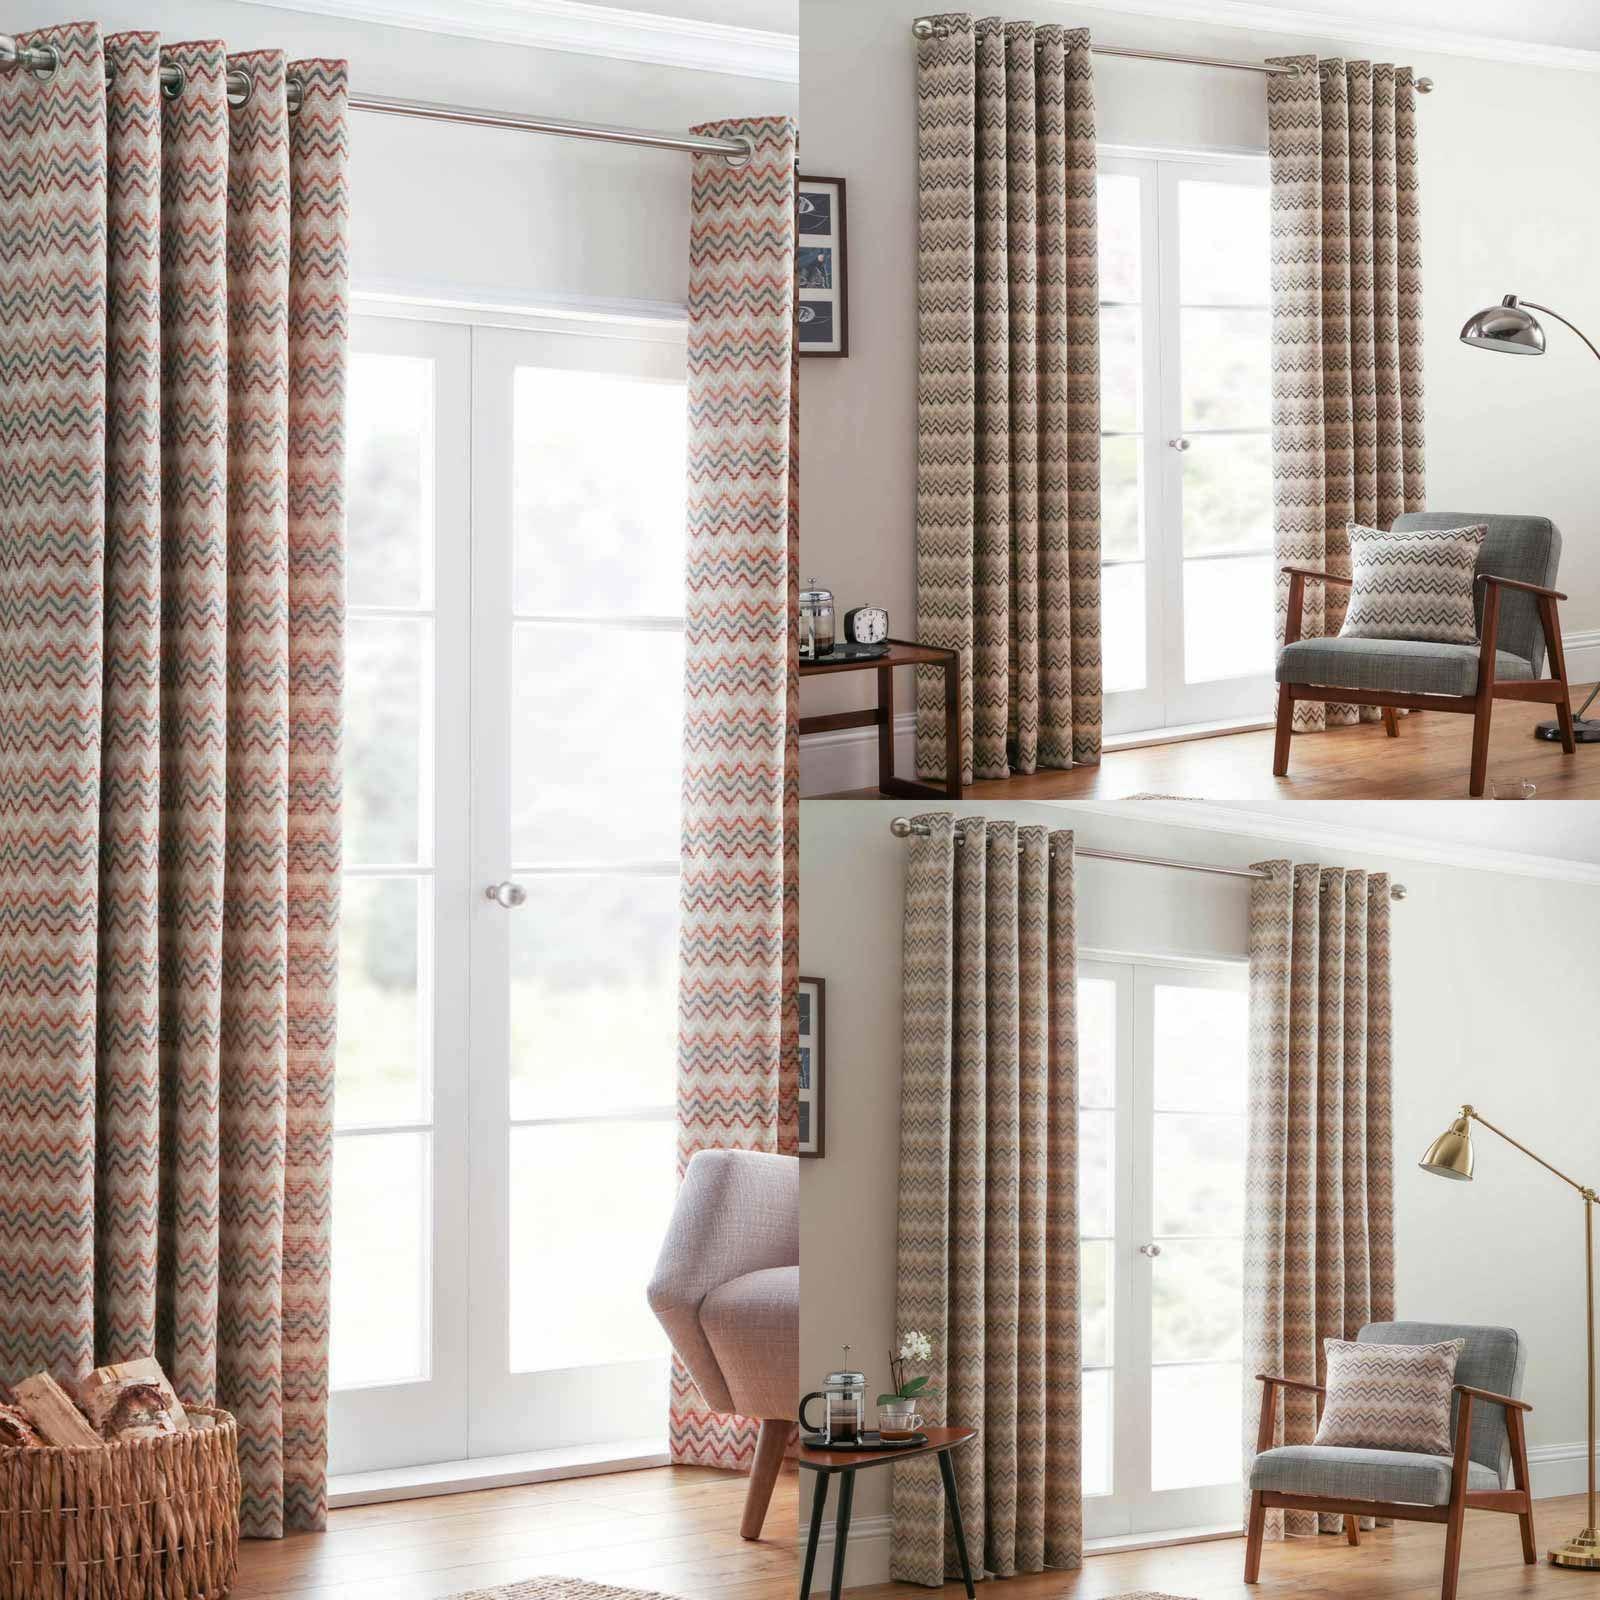 Rio Lined Eyelet Curtains Ready Made Zig Zag Chevron Stripe Curtain Pairs Ebay